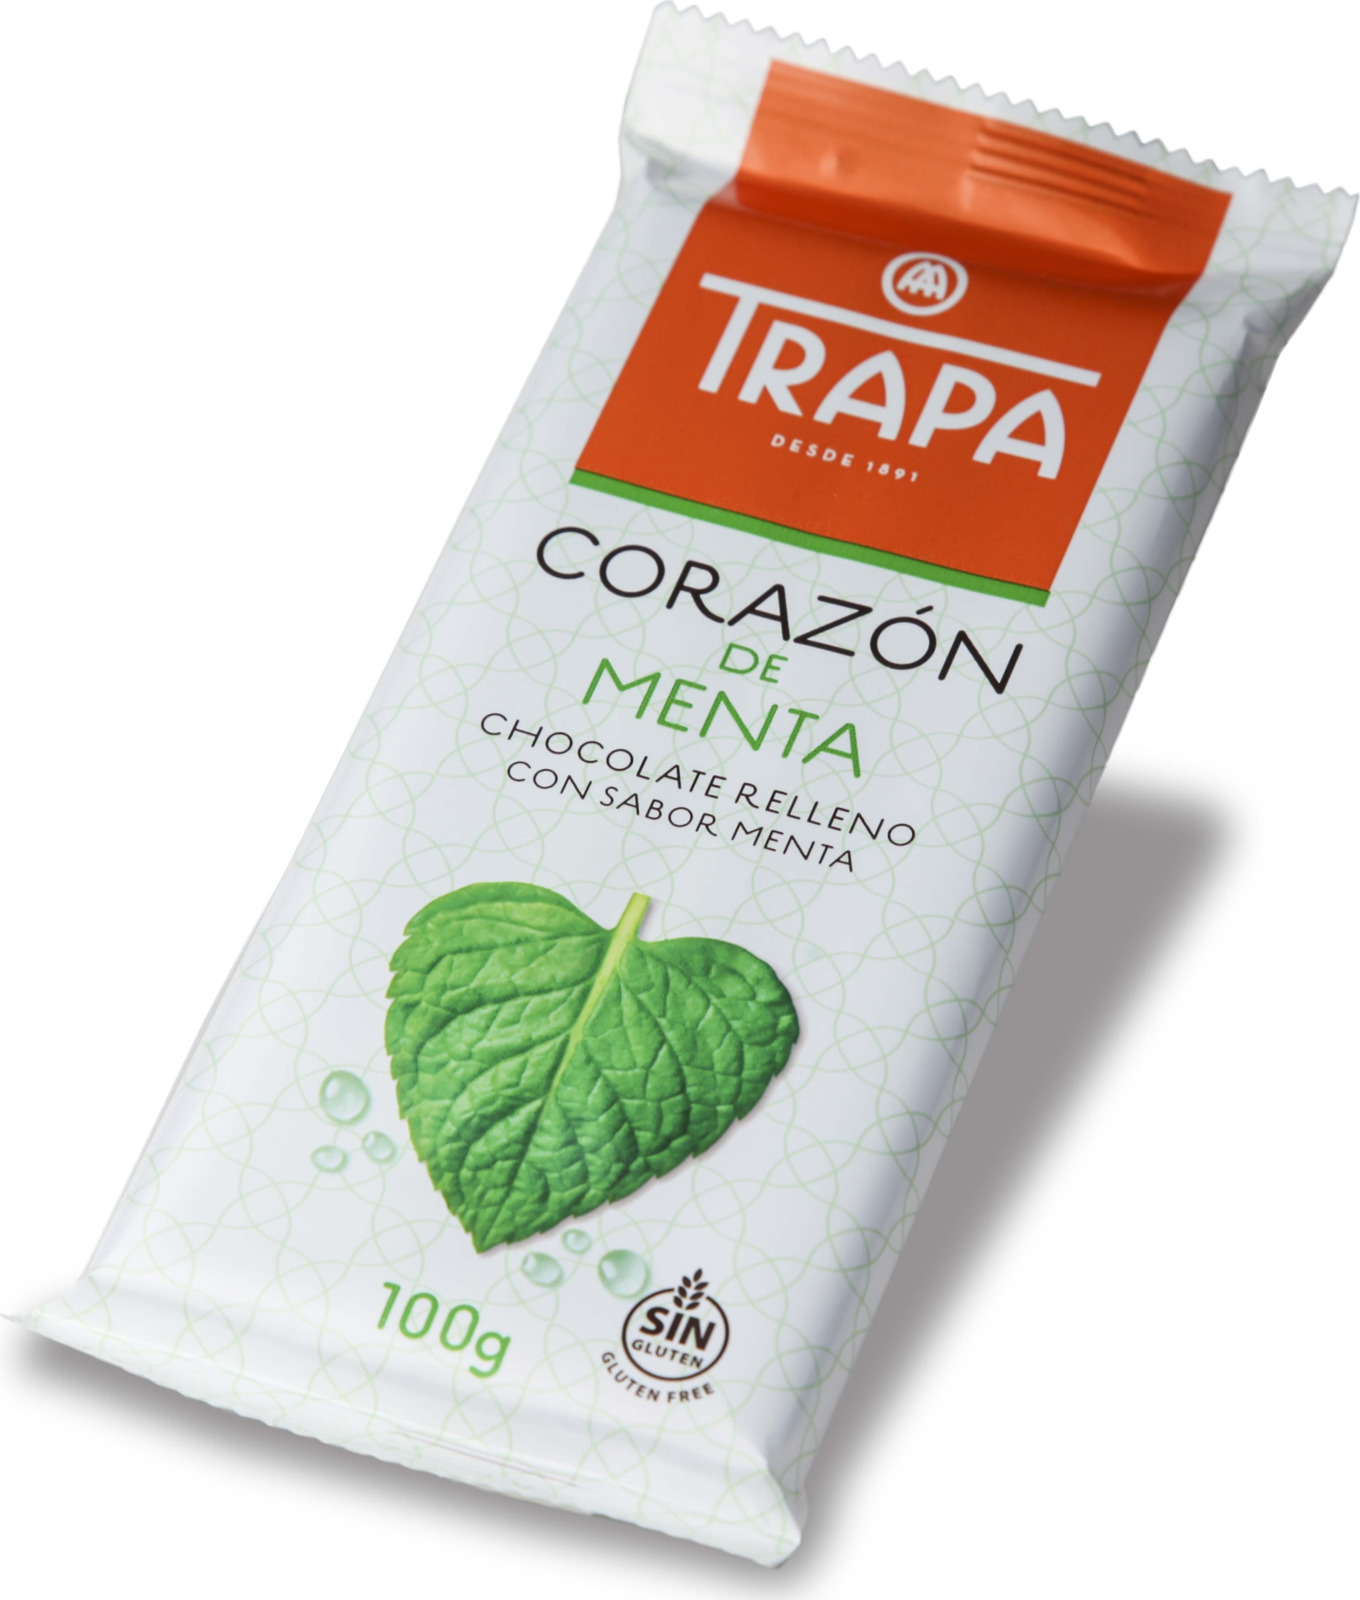 Молочный шоколад Trapa Corazоn Bar, с мятной начинкой, 100 г lindt creation шоколад фондан молочный шоколад c начинкой 100 г